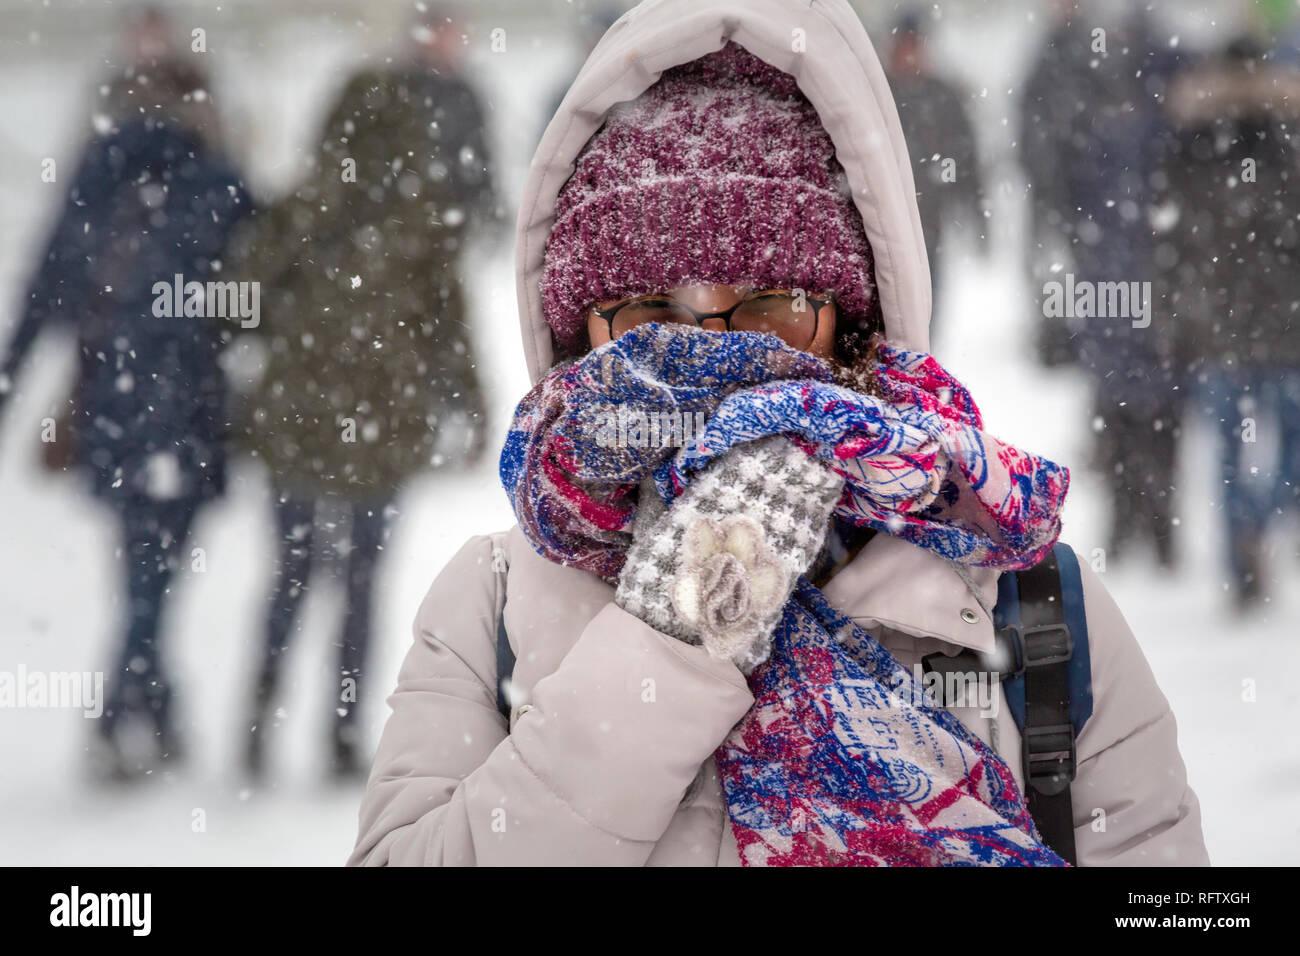 La gente a piedi nel centro di Mosca durante una nevicata, Russia Immagini Stock